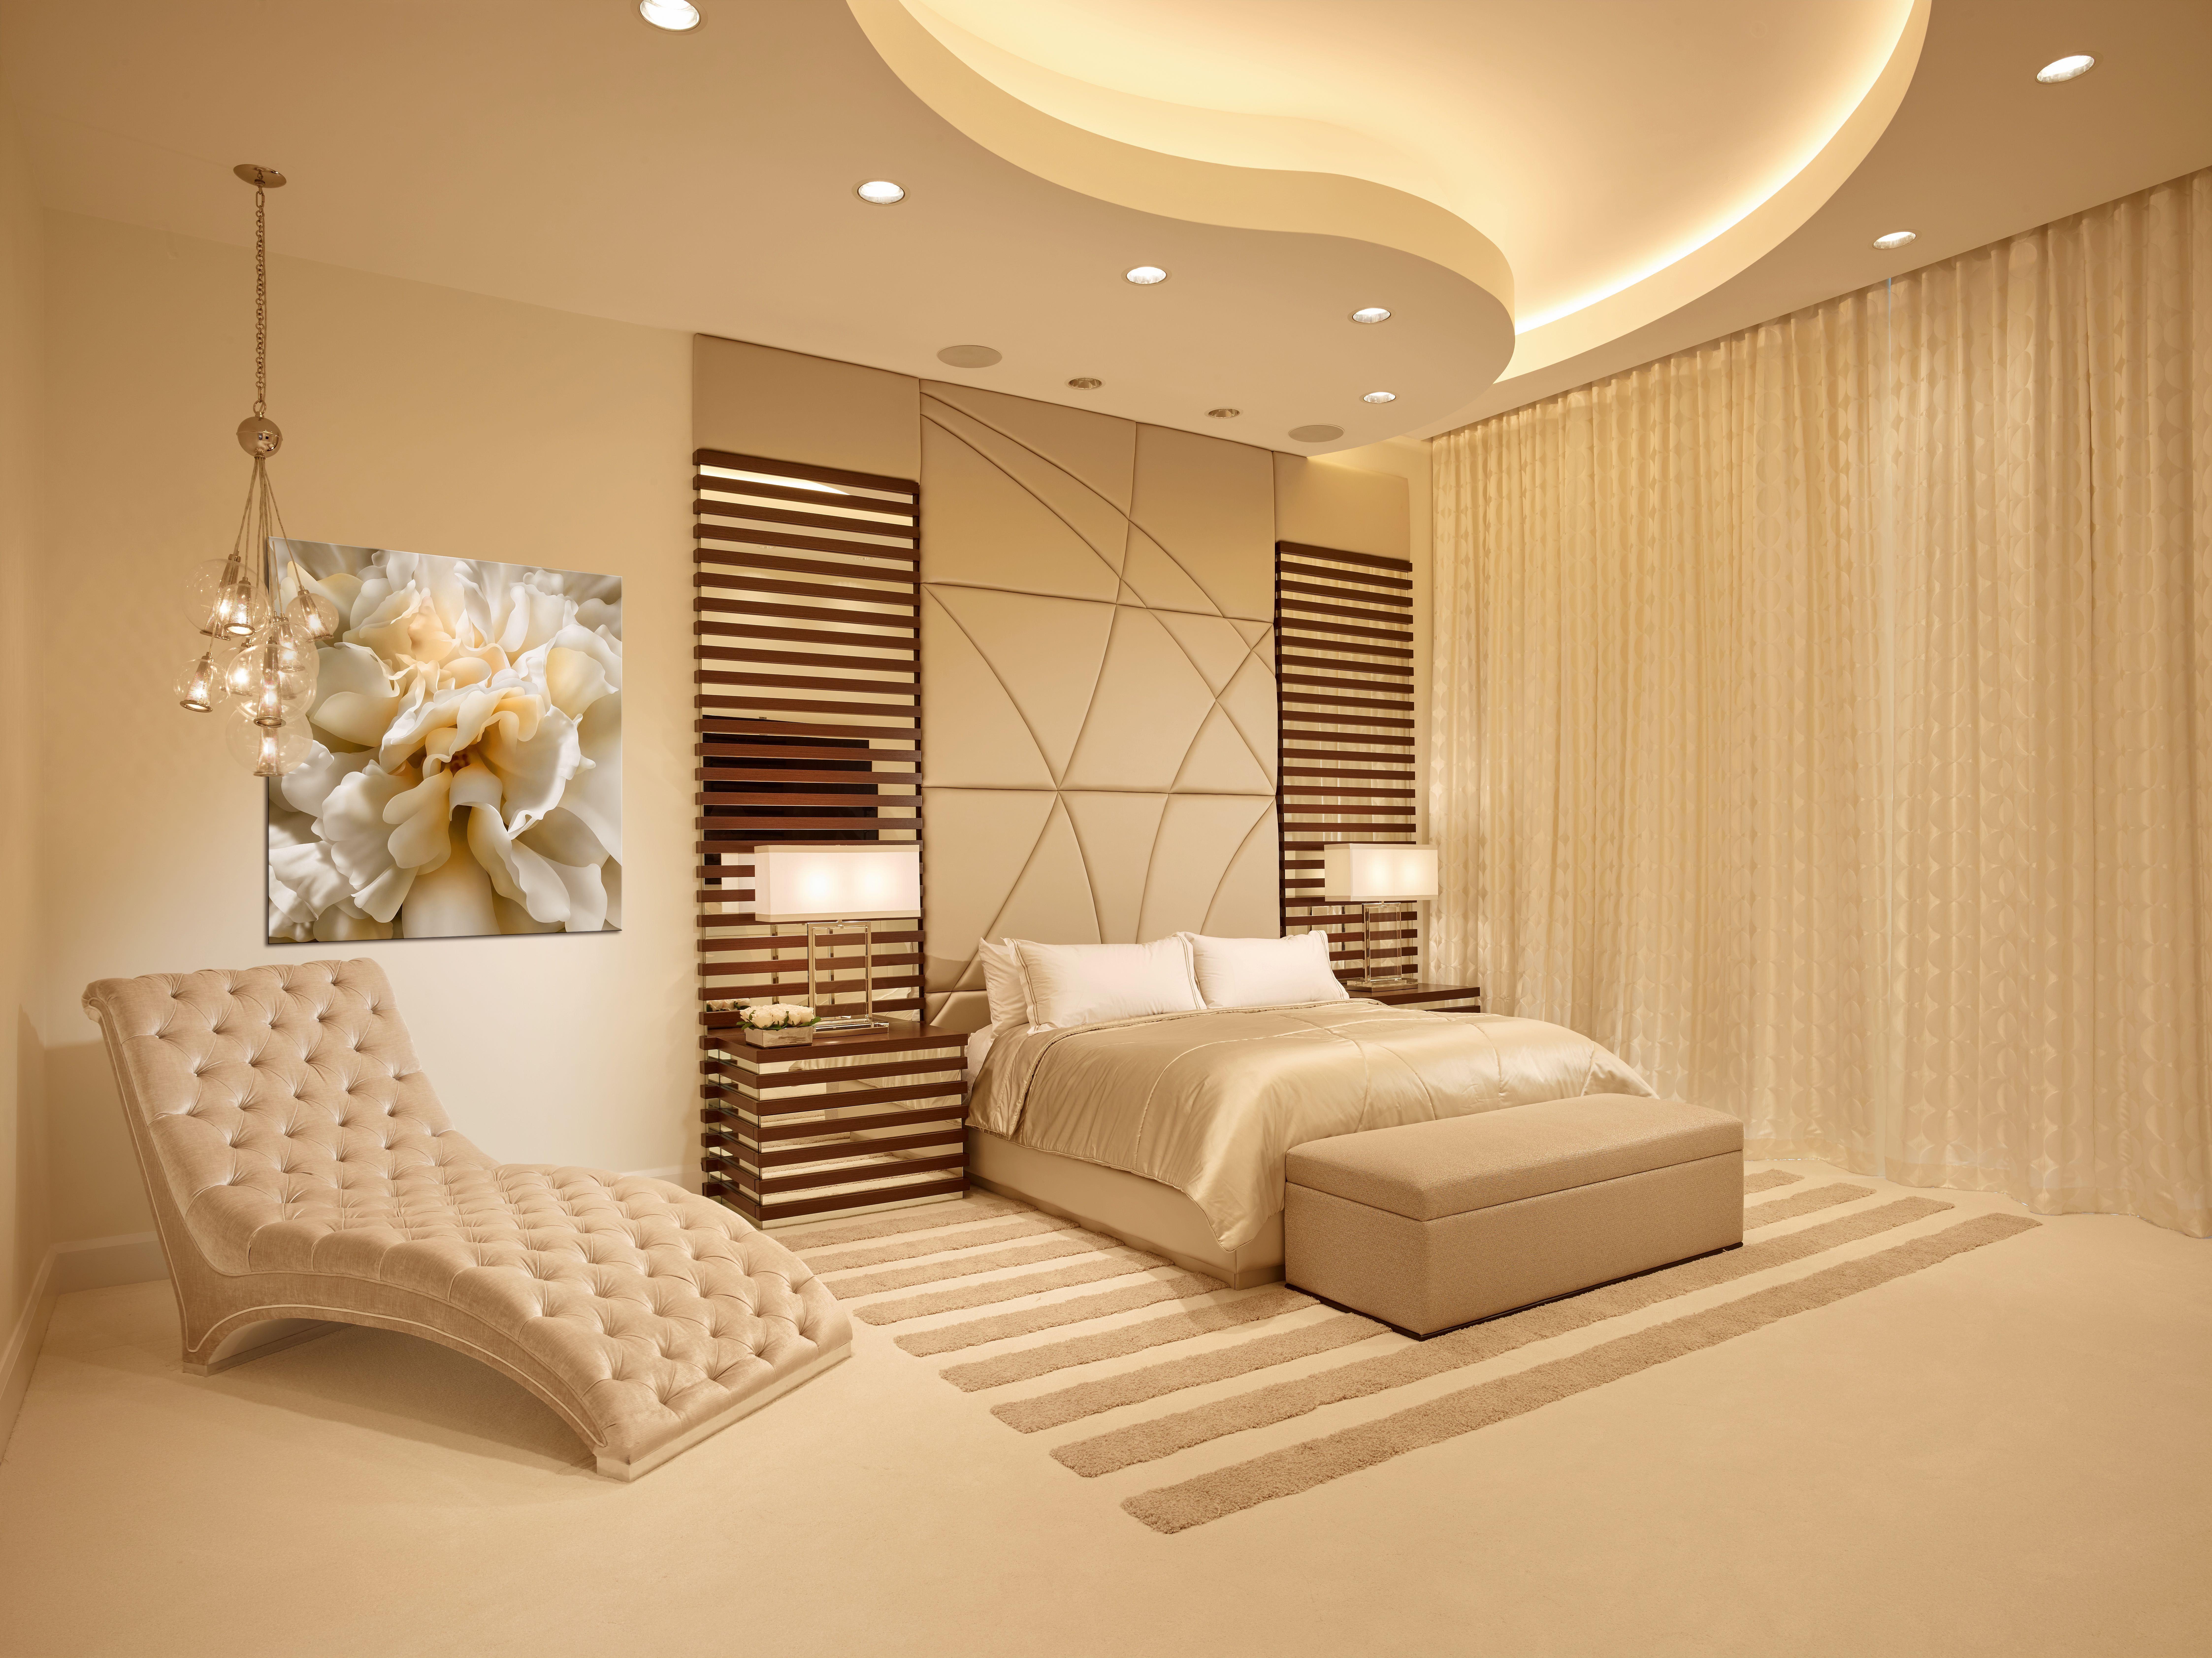 Luxury Interior Design West Palm Beach